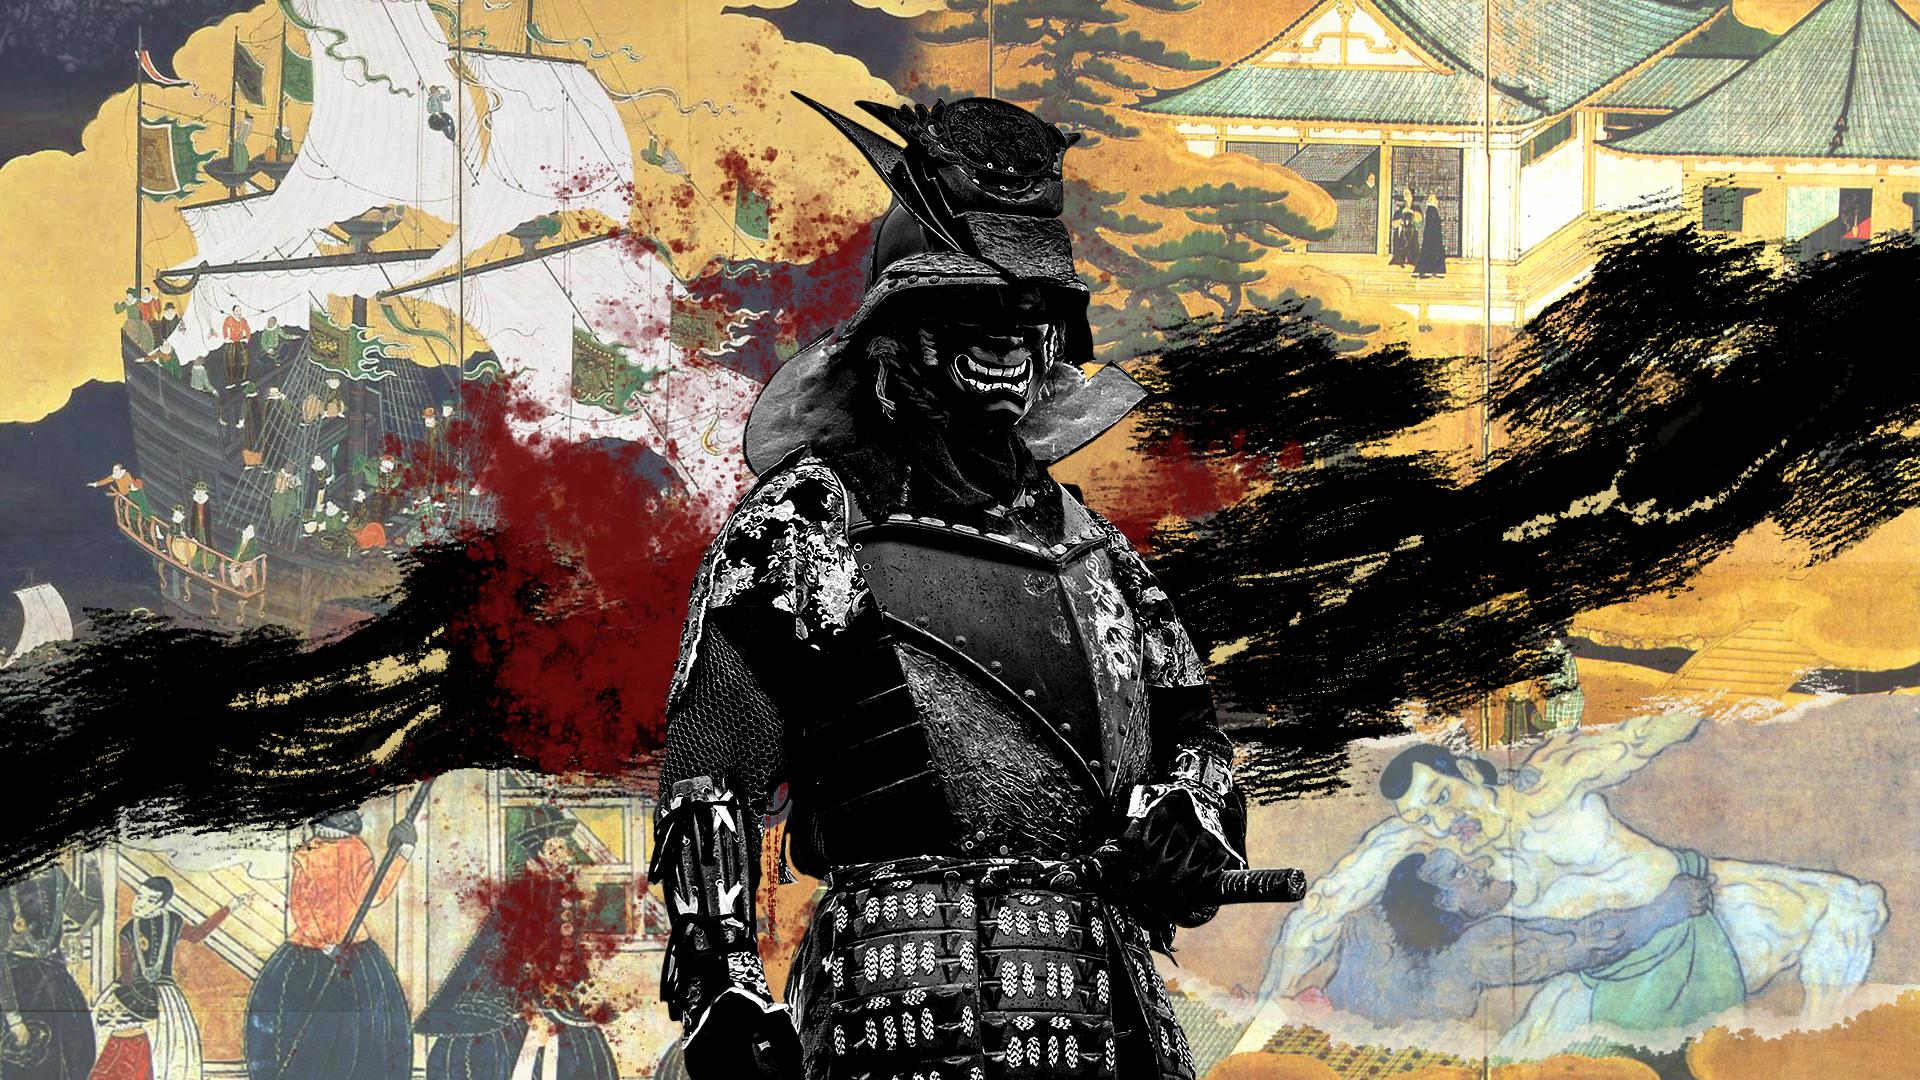 """Résultat de recherche d'images pour """"yasuke the black samurai"""""""""""